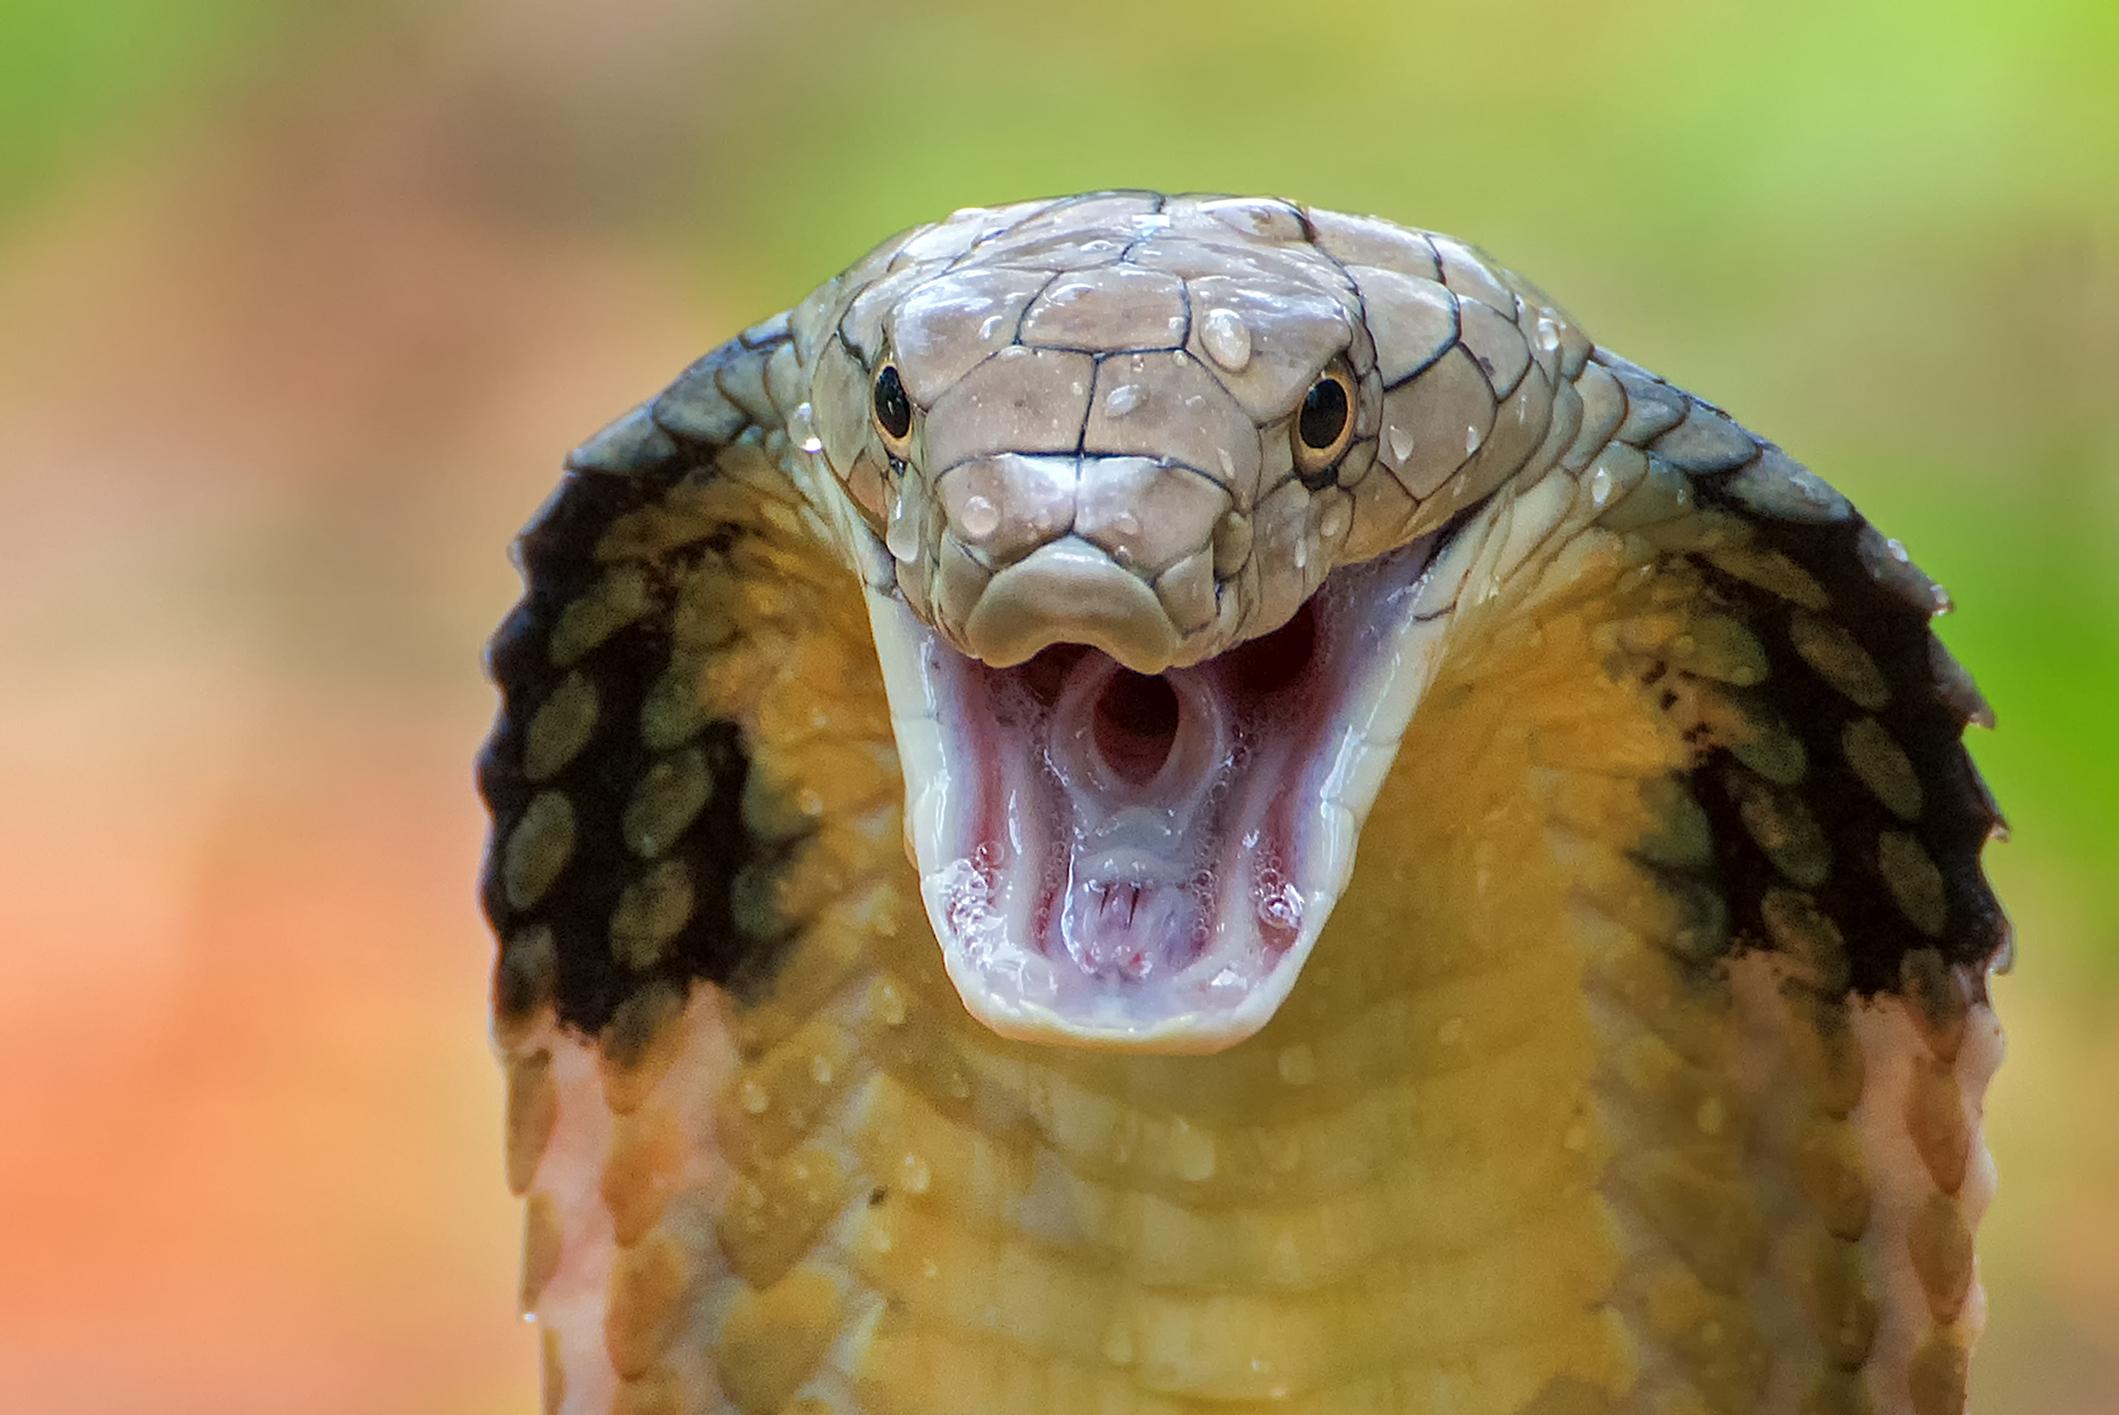 King cobra at the Virginia Zoo